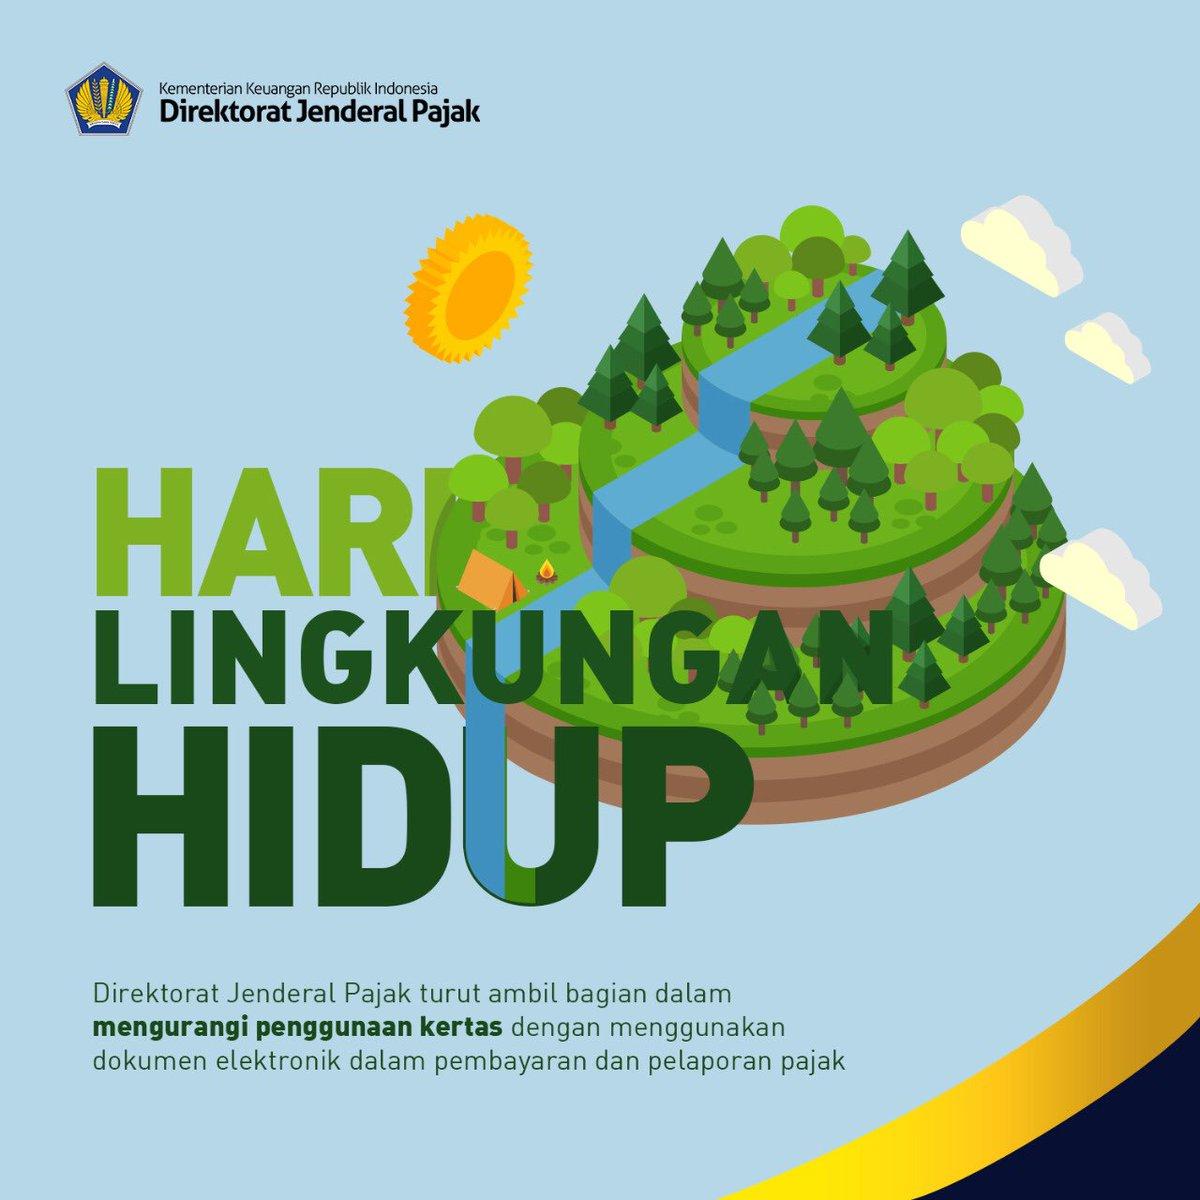 Kpp Pratama Purworejo On Twitter Selamat Hari Lingkungan Hidup